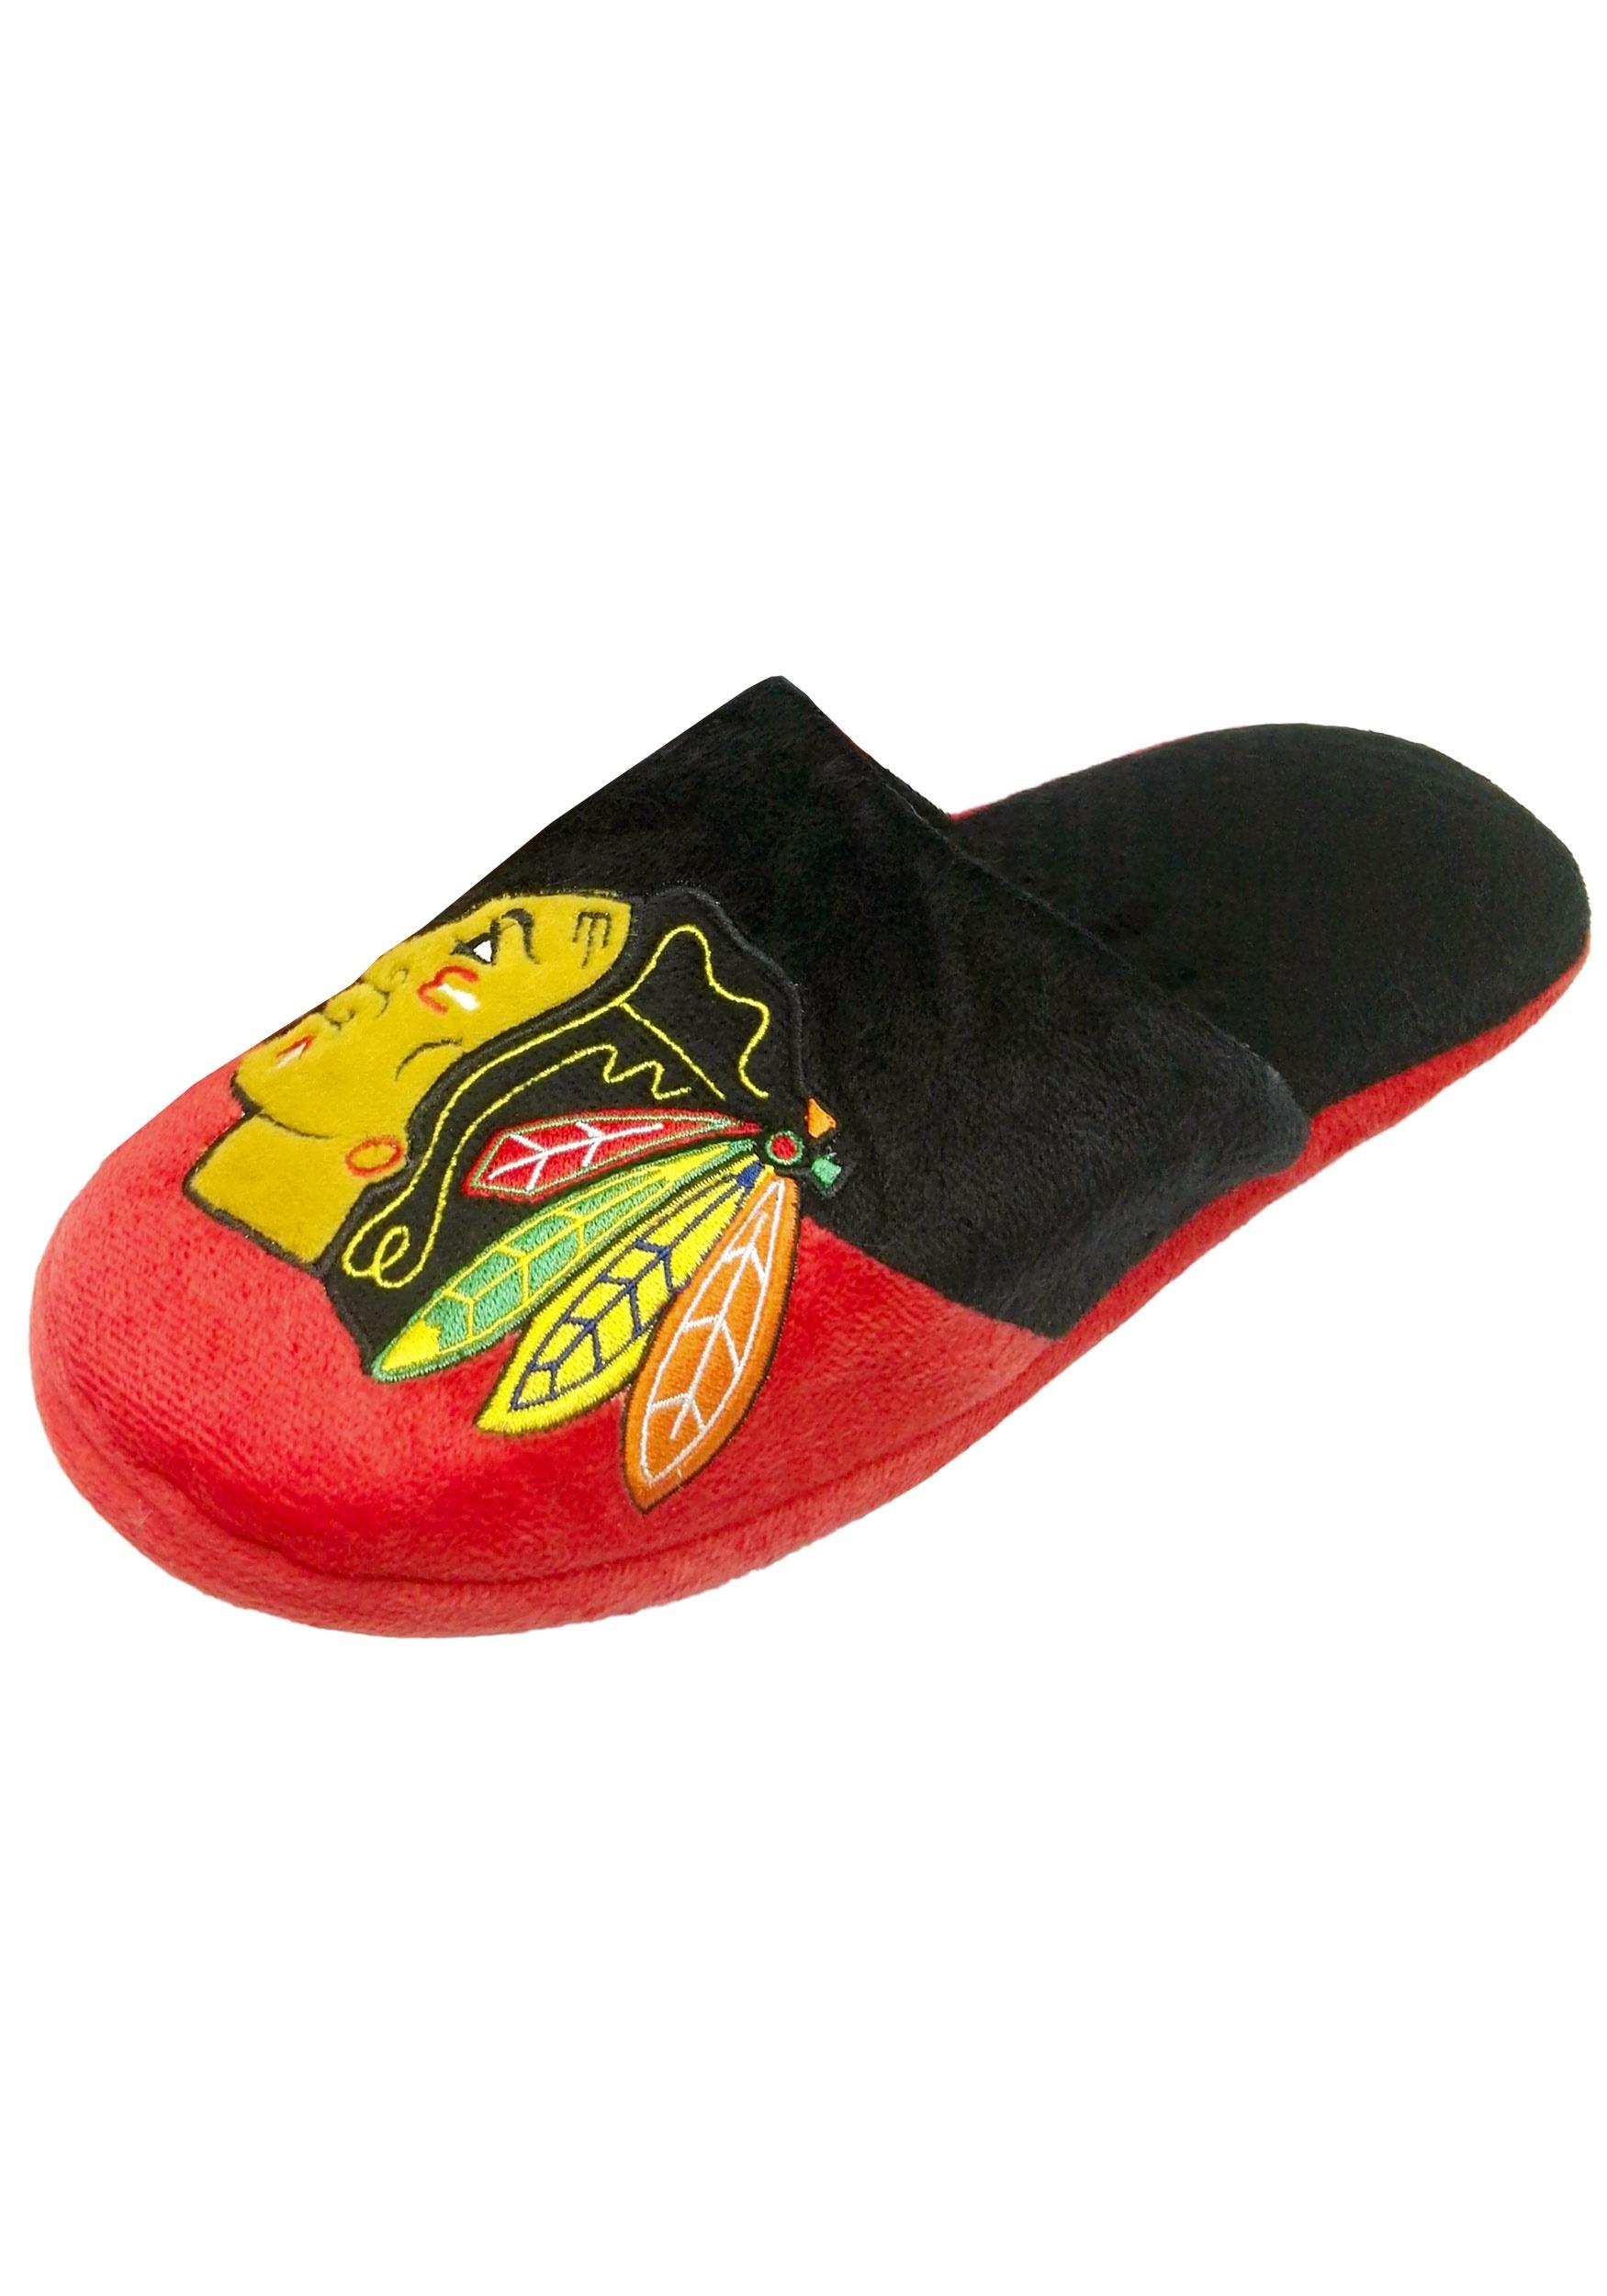 Chicago Blackhawks Colorblock Slide Slippers